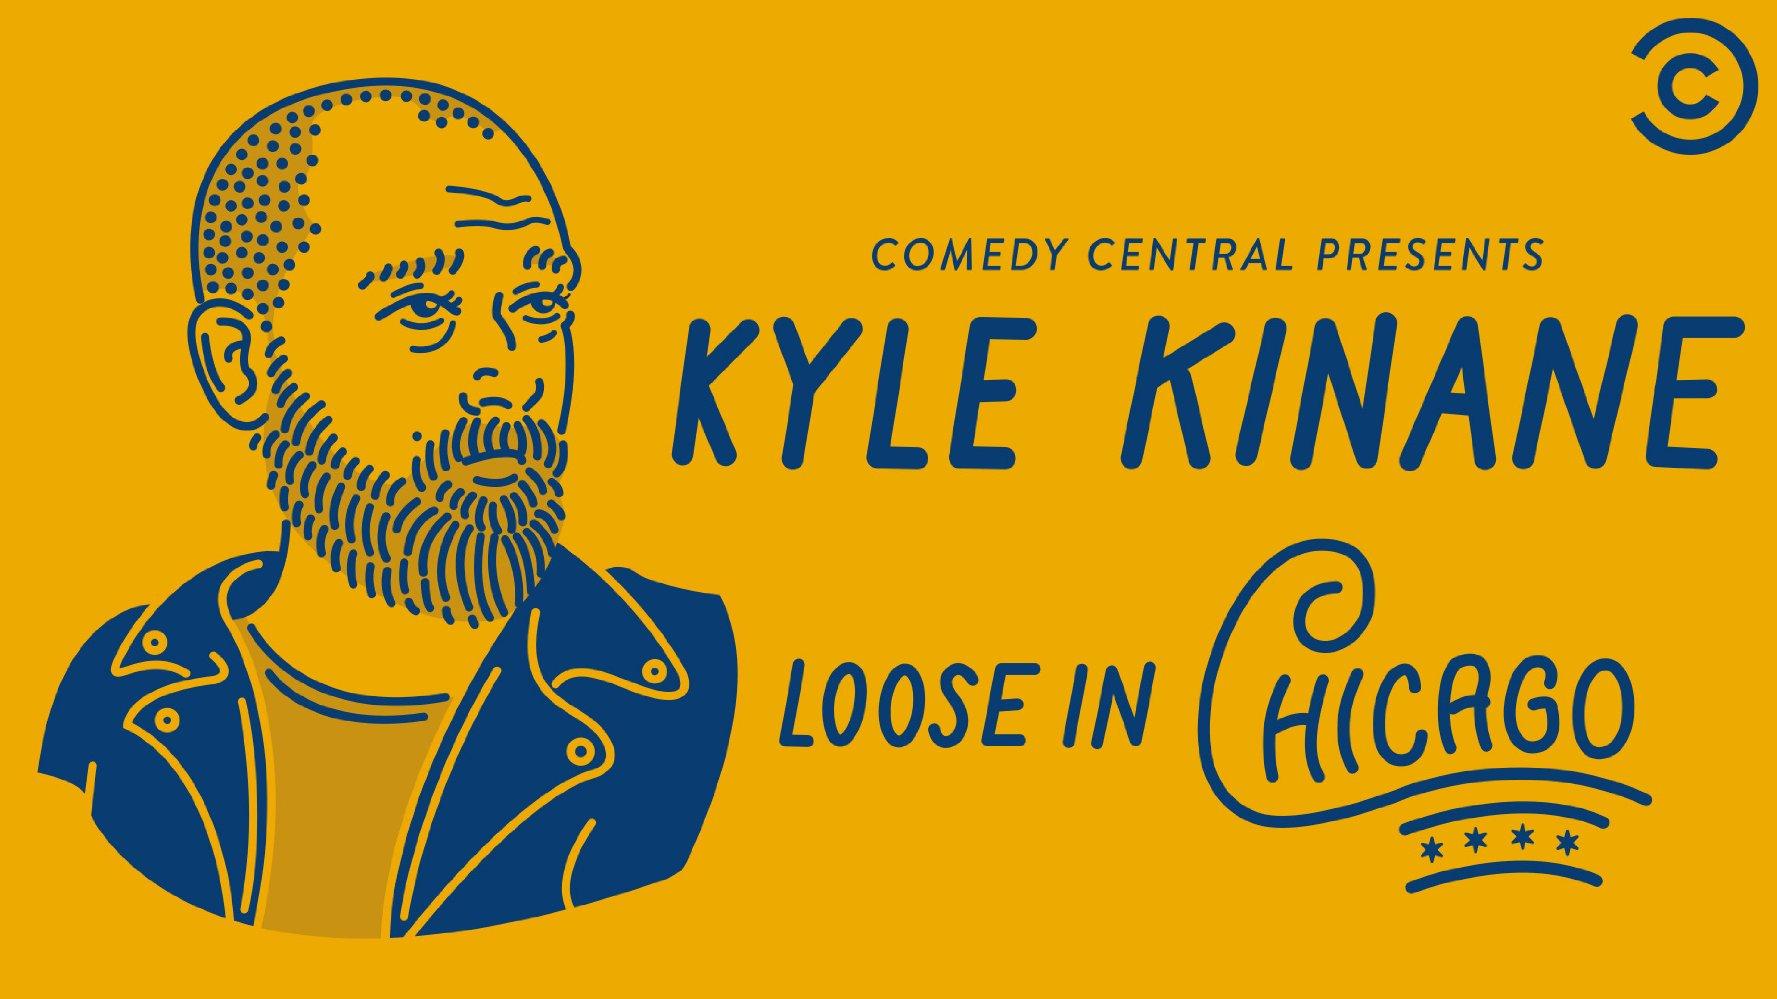 Kyle Kinane Loose in Chicago - Season 1